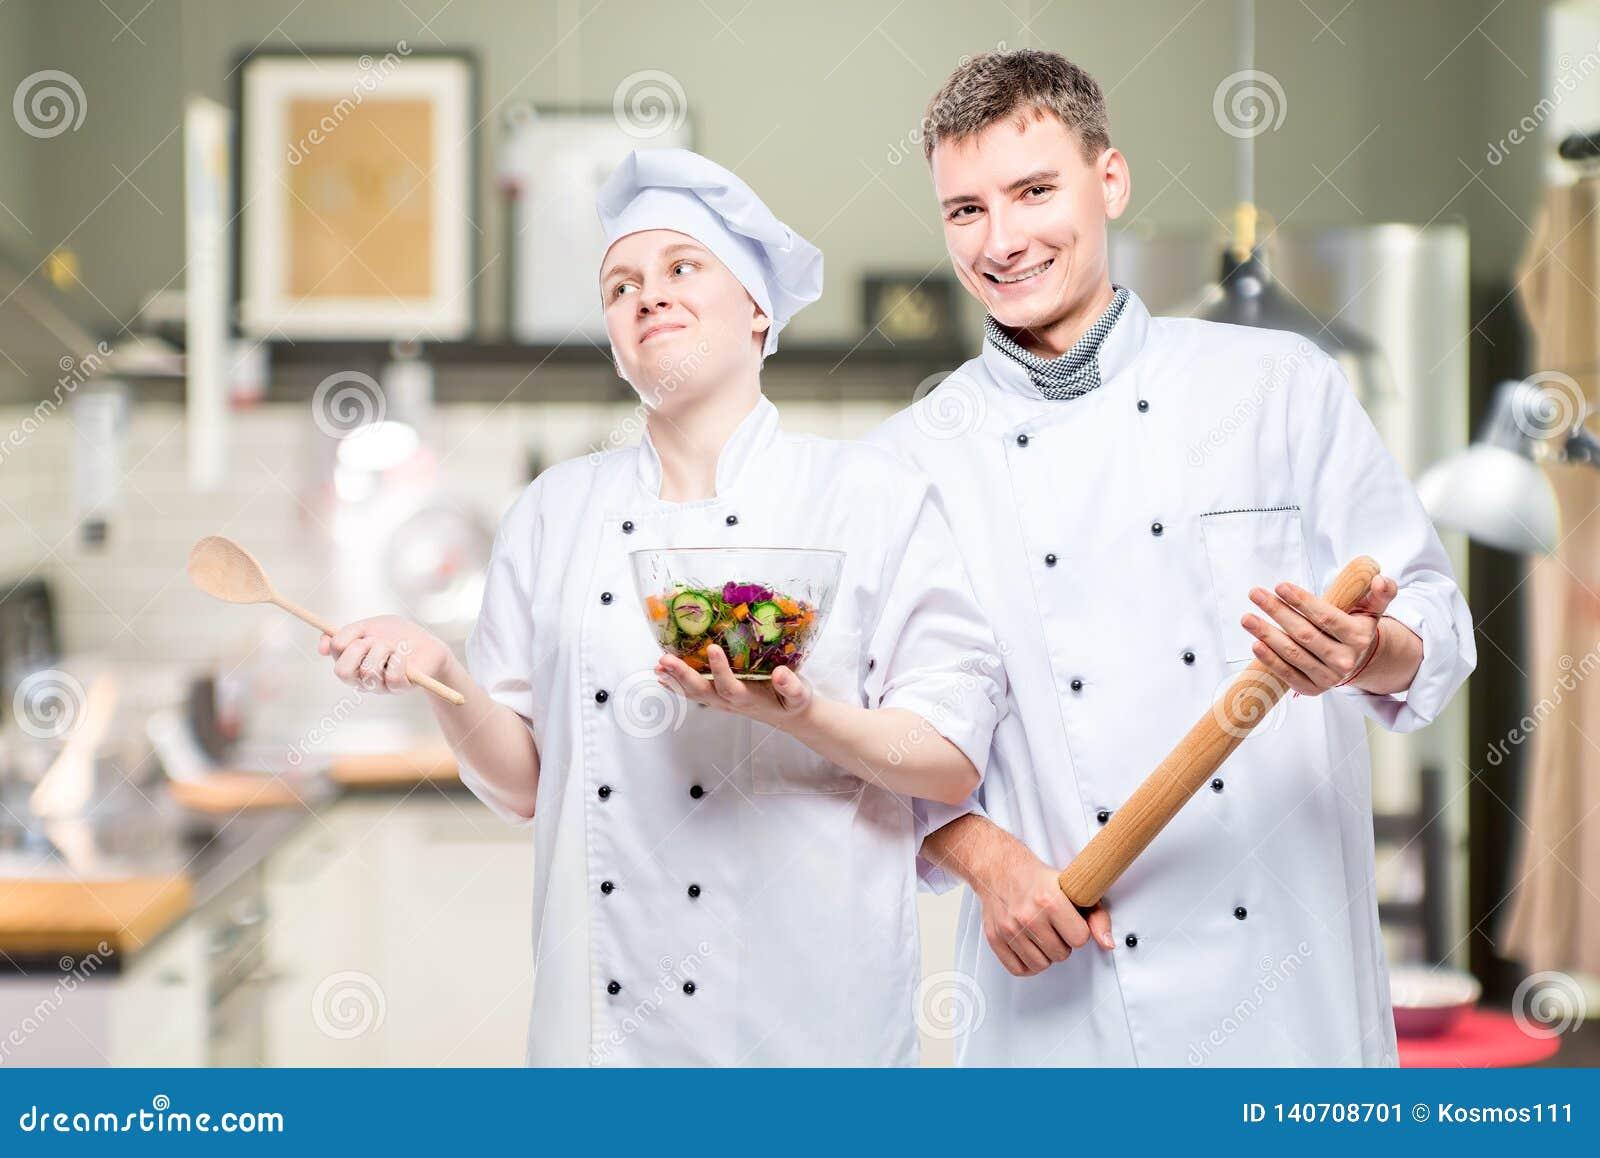 Cocineros profesionales jovenes emocionales con un plato en el fondo